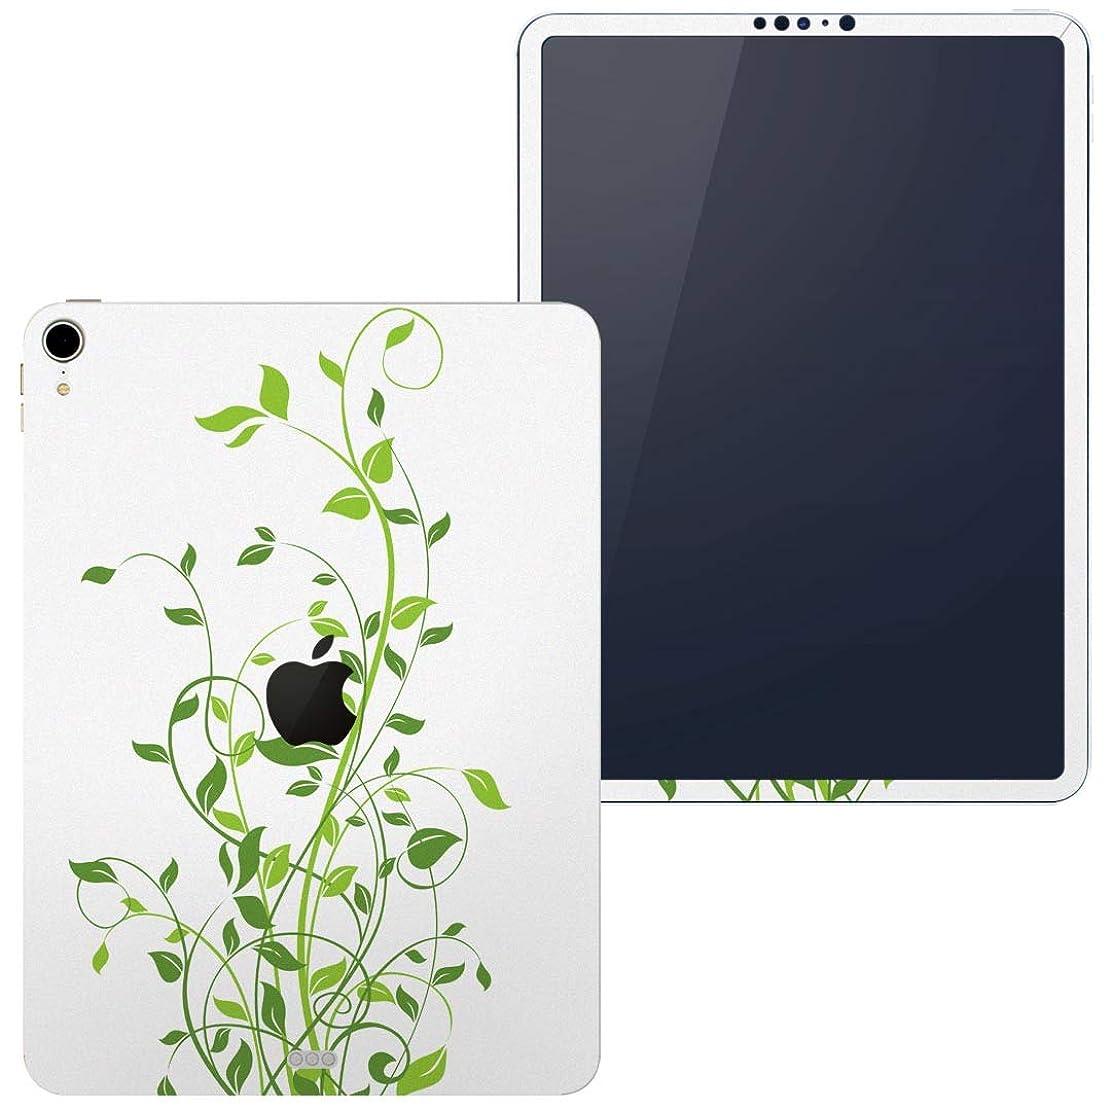 プログレッシブ遠征実現可能性igsticker iPad Pro 12.9 inch インチ 対応 2018年 シール apple アップル アイパッド 専用 A1876 A1895 A1983 A2014 全面スキンシール フル タブレットケース ステッカー 保護シール 009002 その他 シンプル 無地 オレンジ